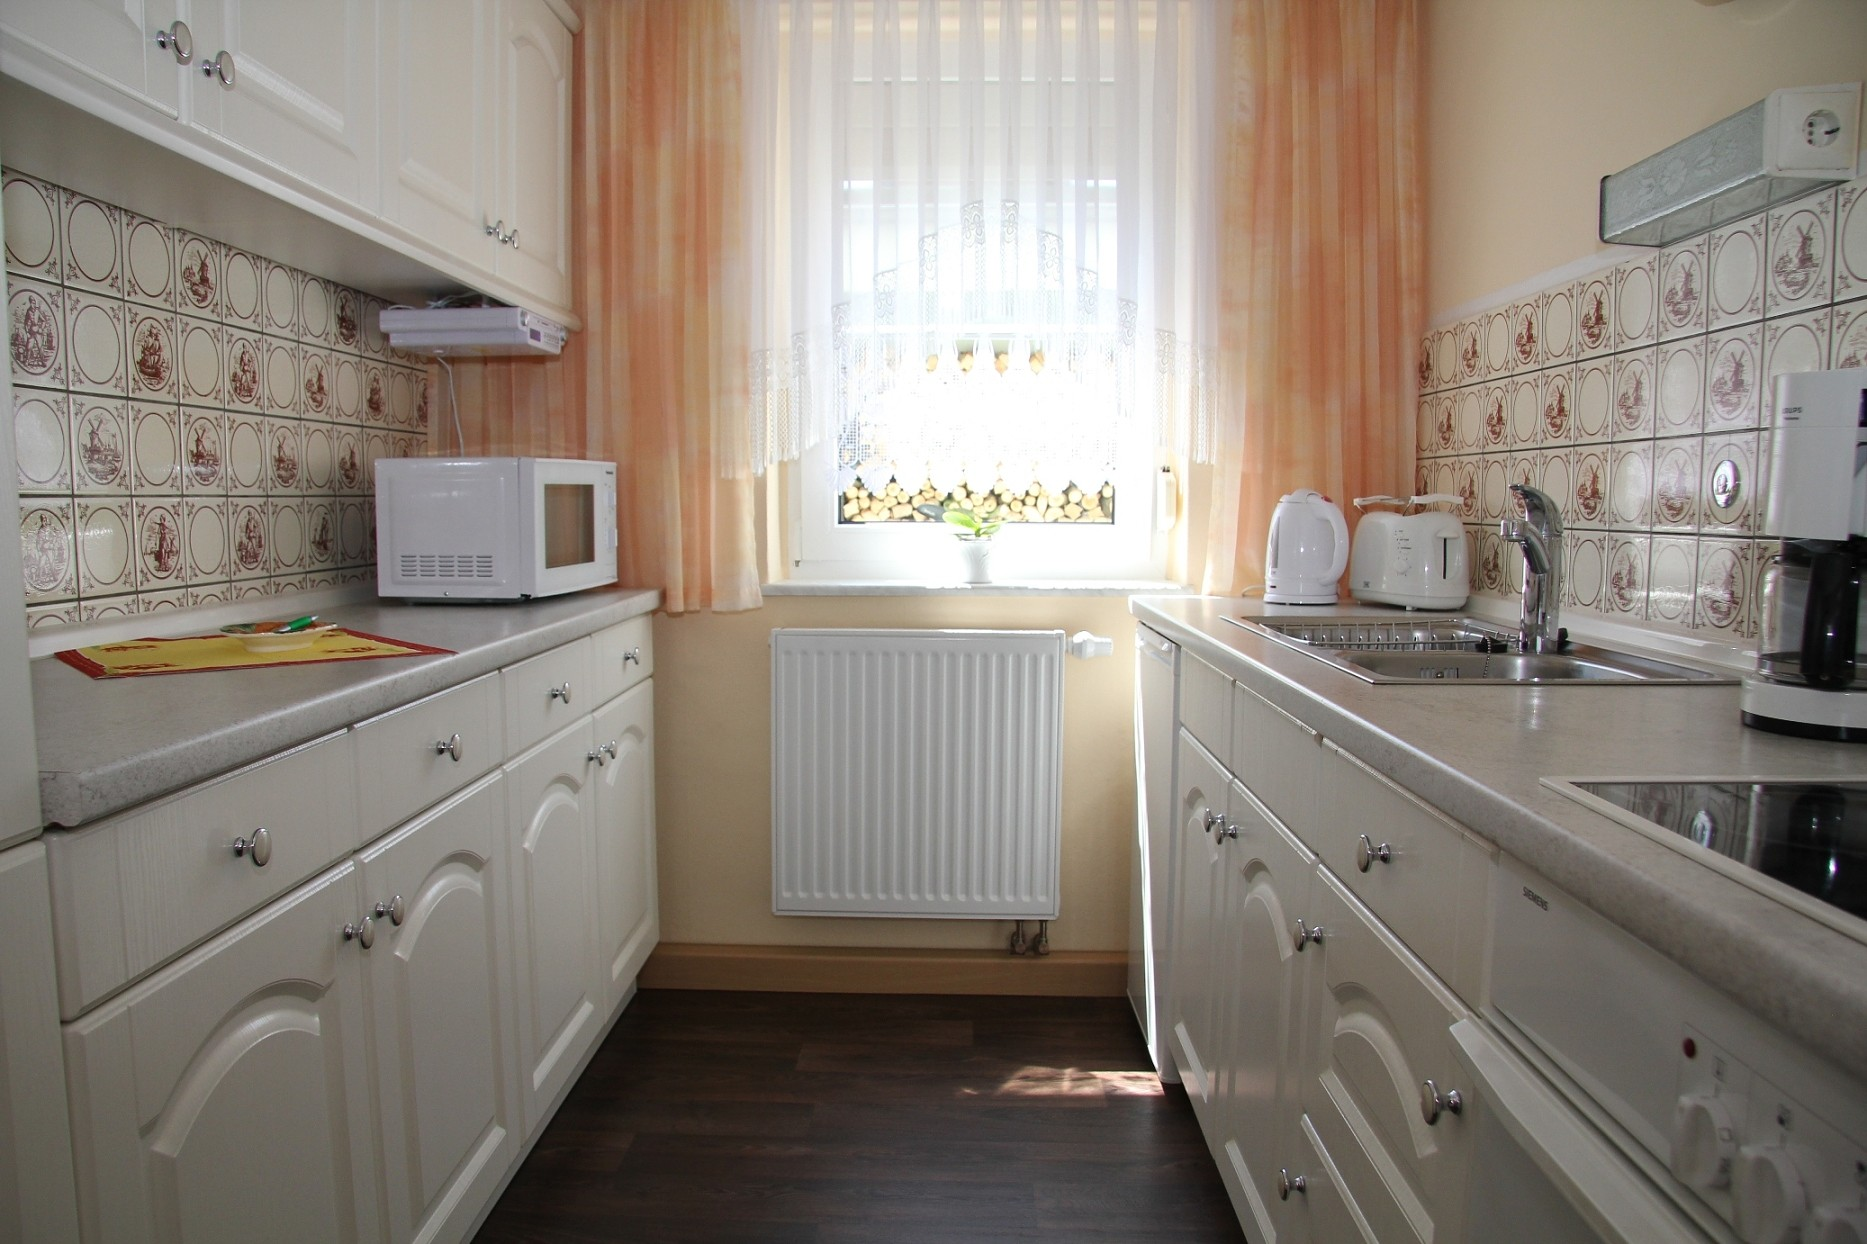 Wunderbar Kür Küche Design Herunterladen Zeitgenössisch - Küchen ...